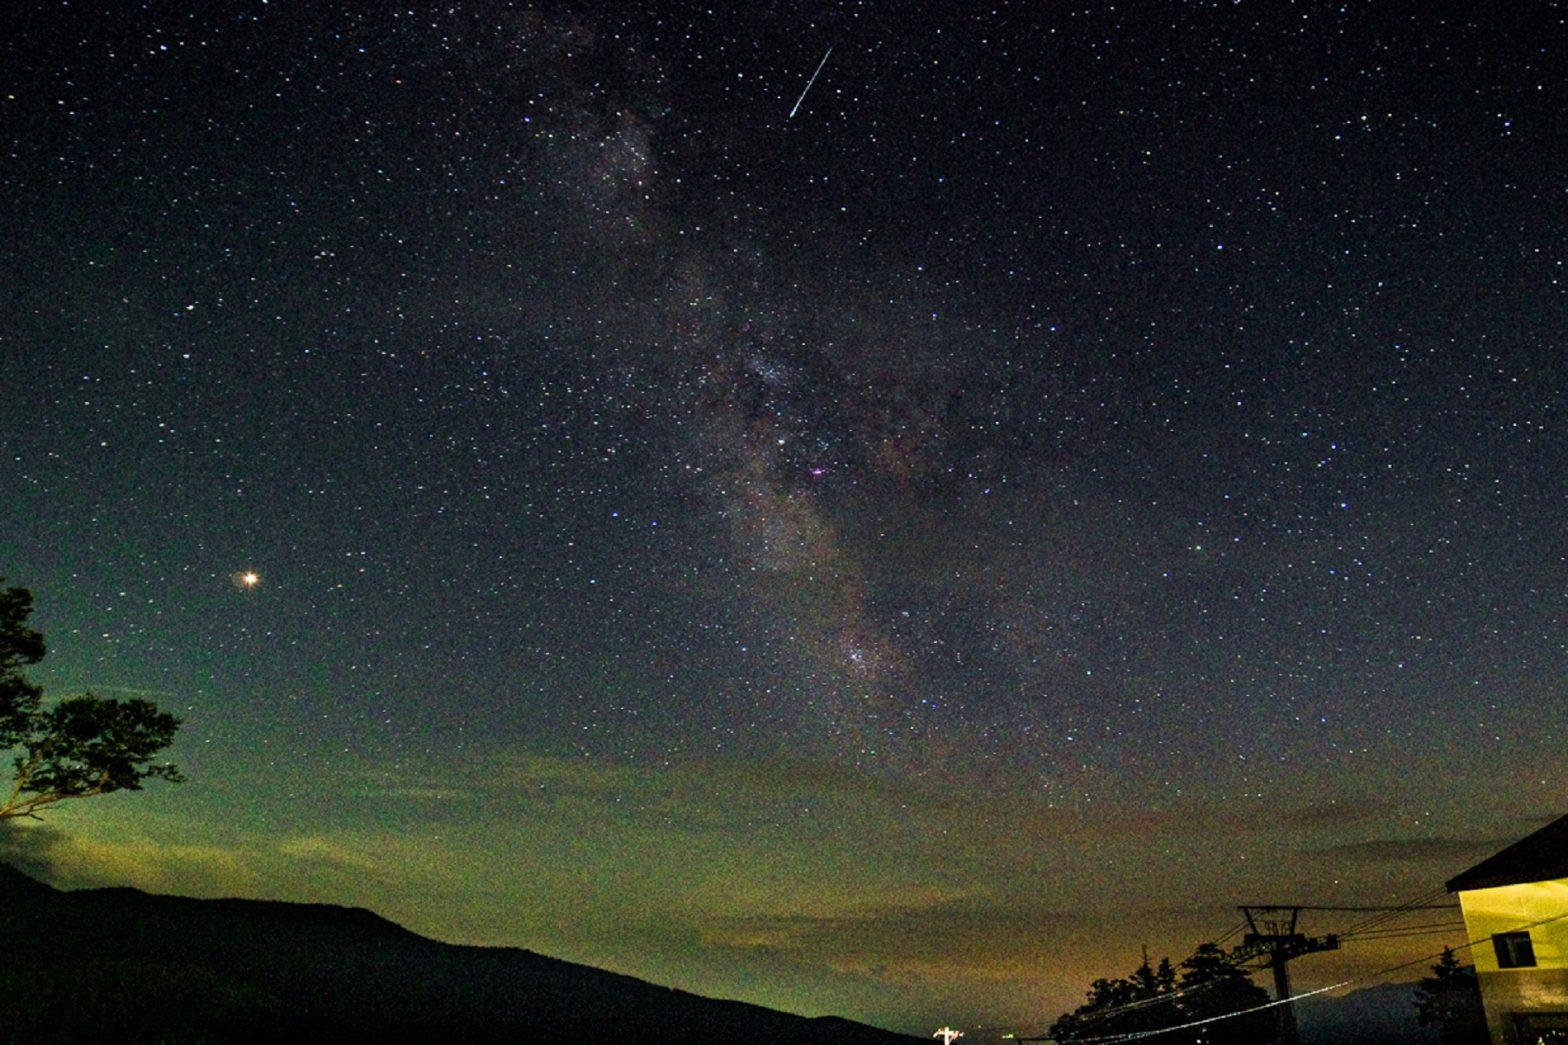 星空观赏会